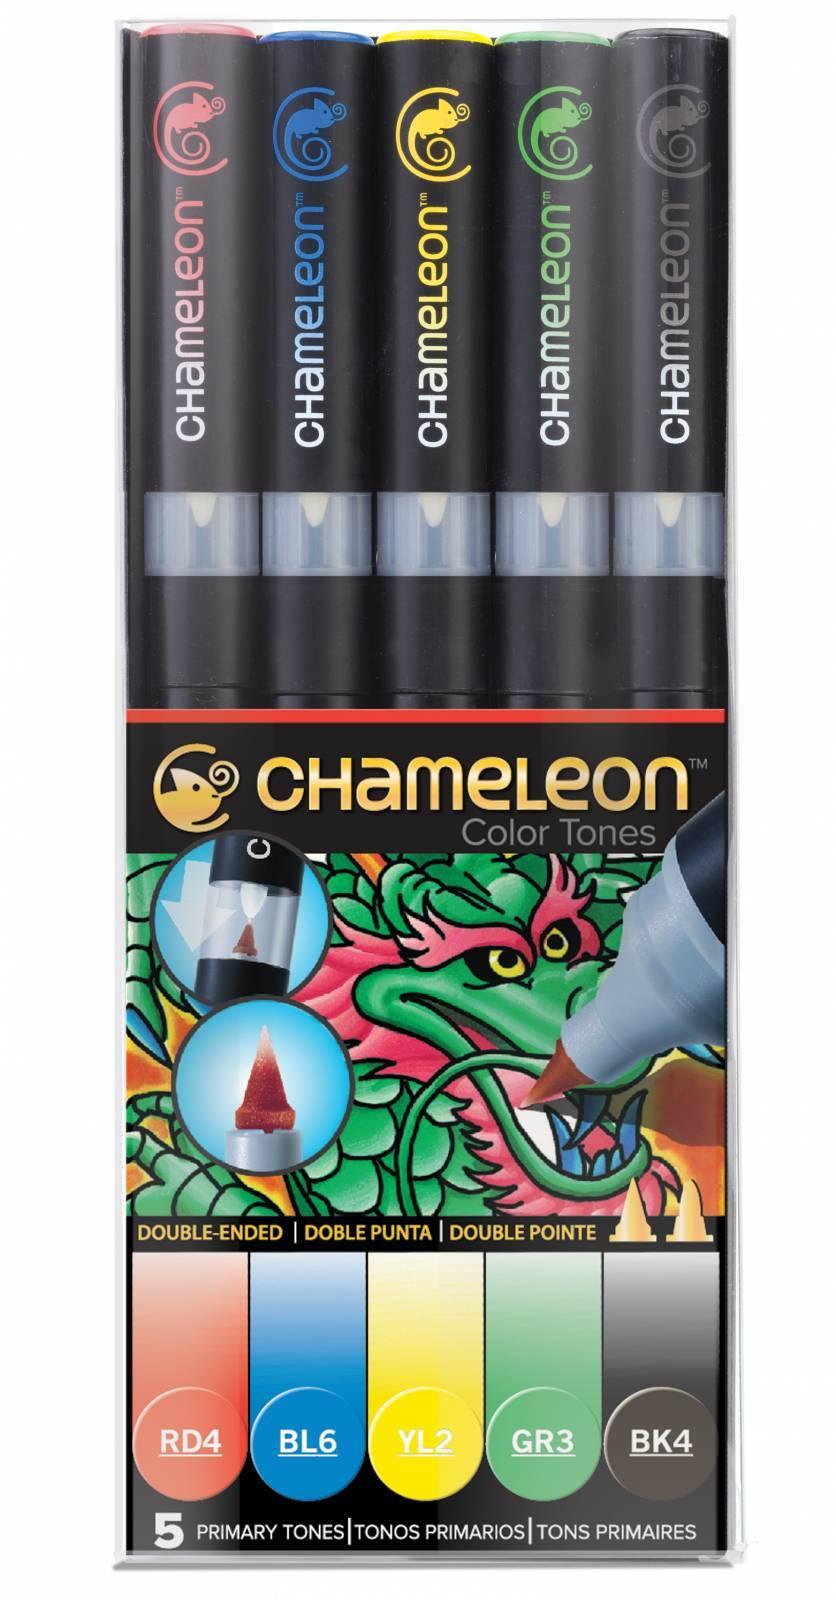 Kit Chameleon 5 canetas - Tons Primários - Papelaria Botafogo